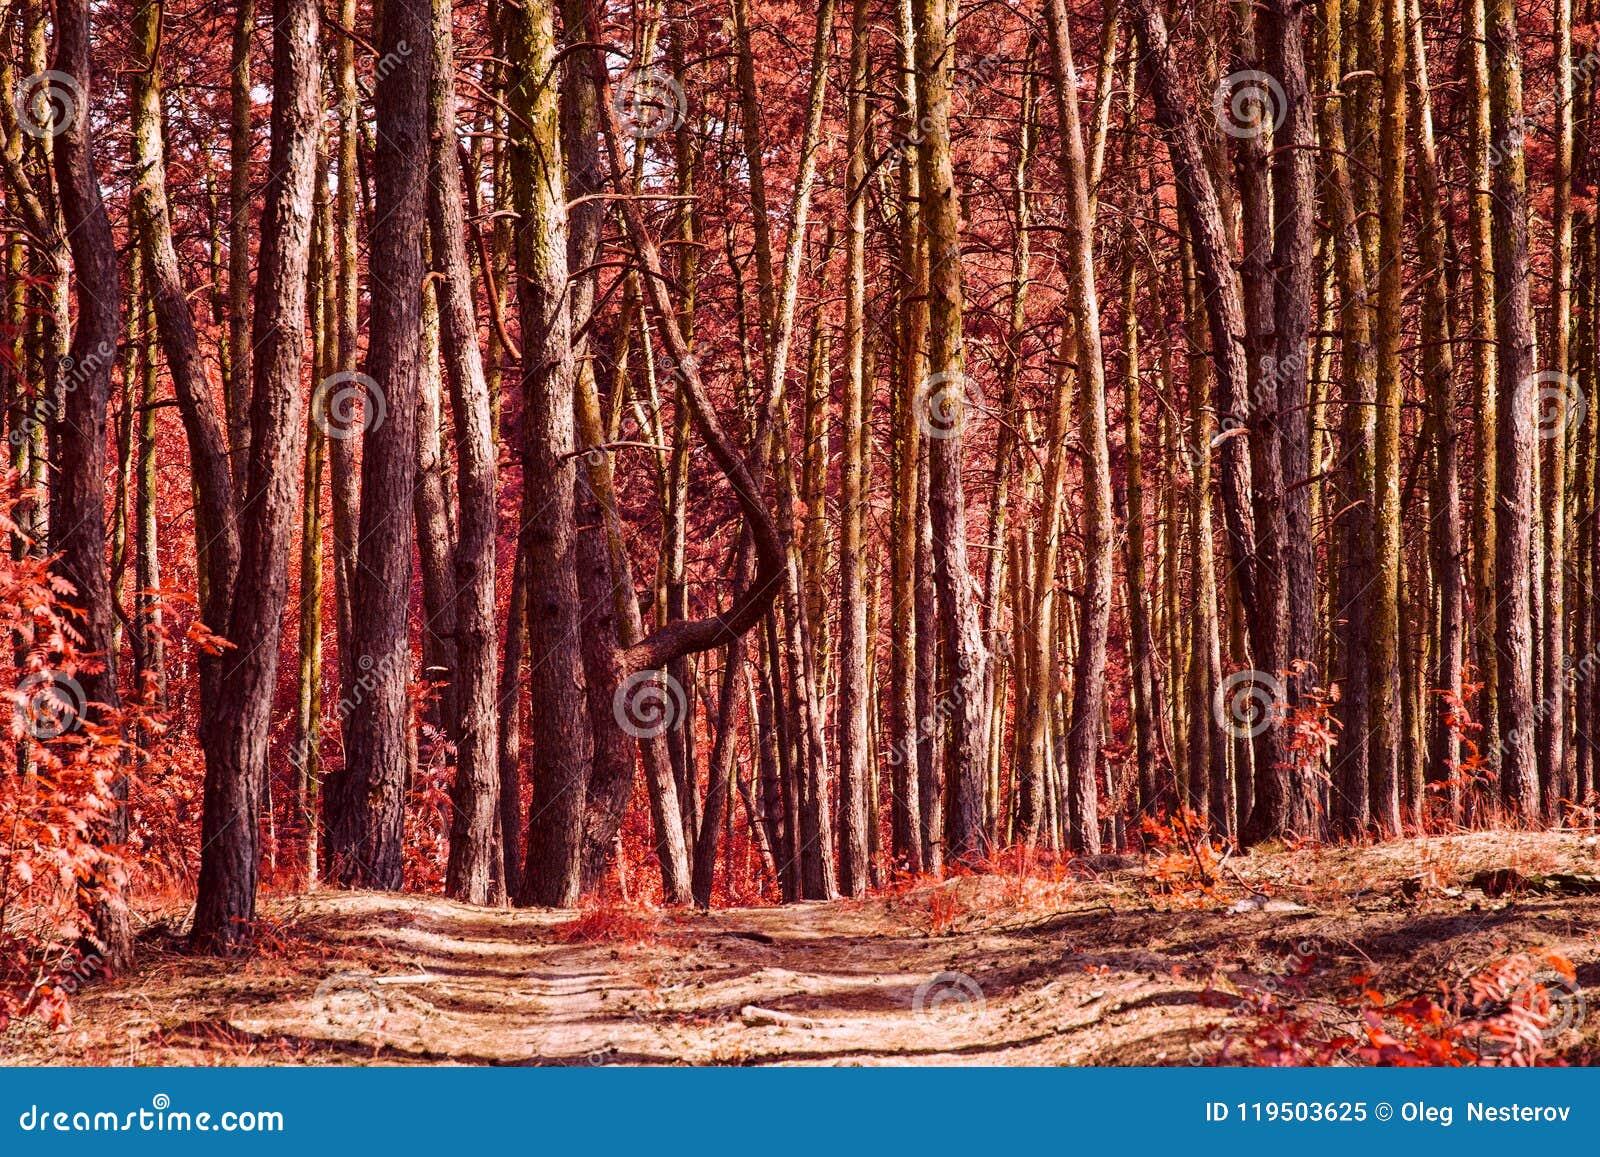 Czerwony jesień las z wysokimi tajemniczymi sosnami